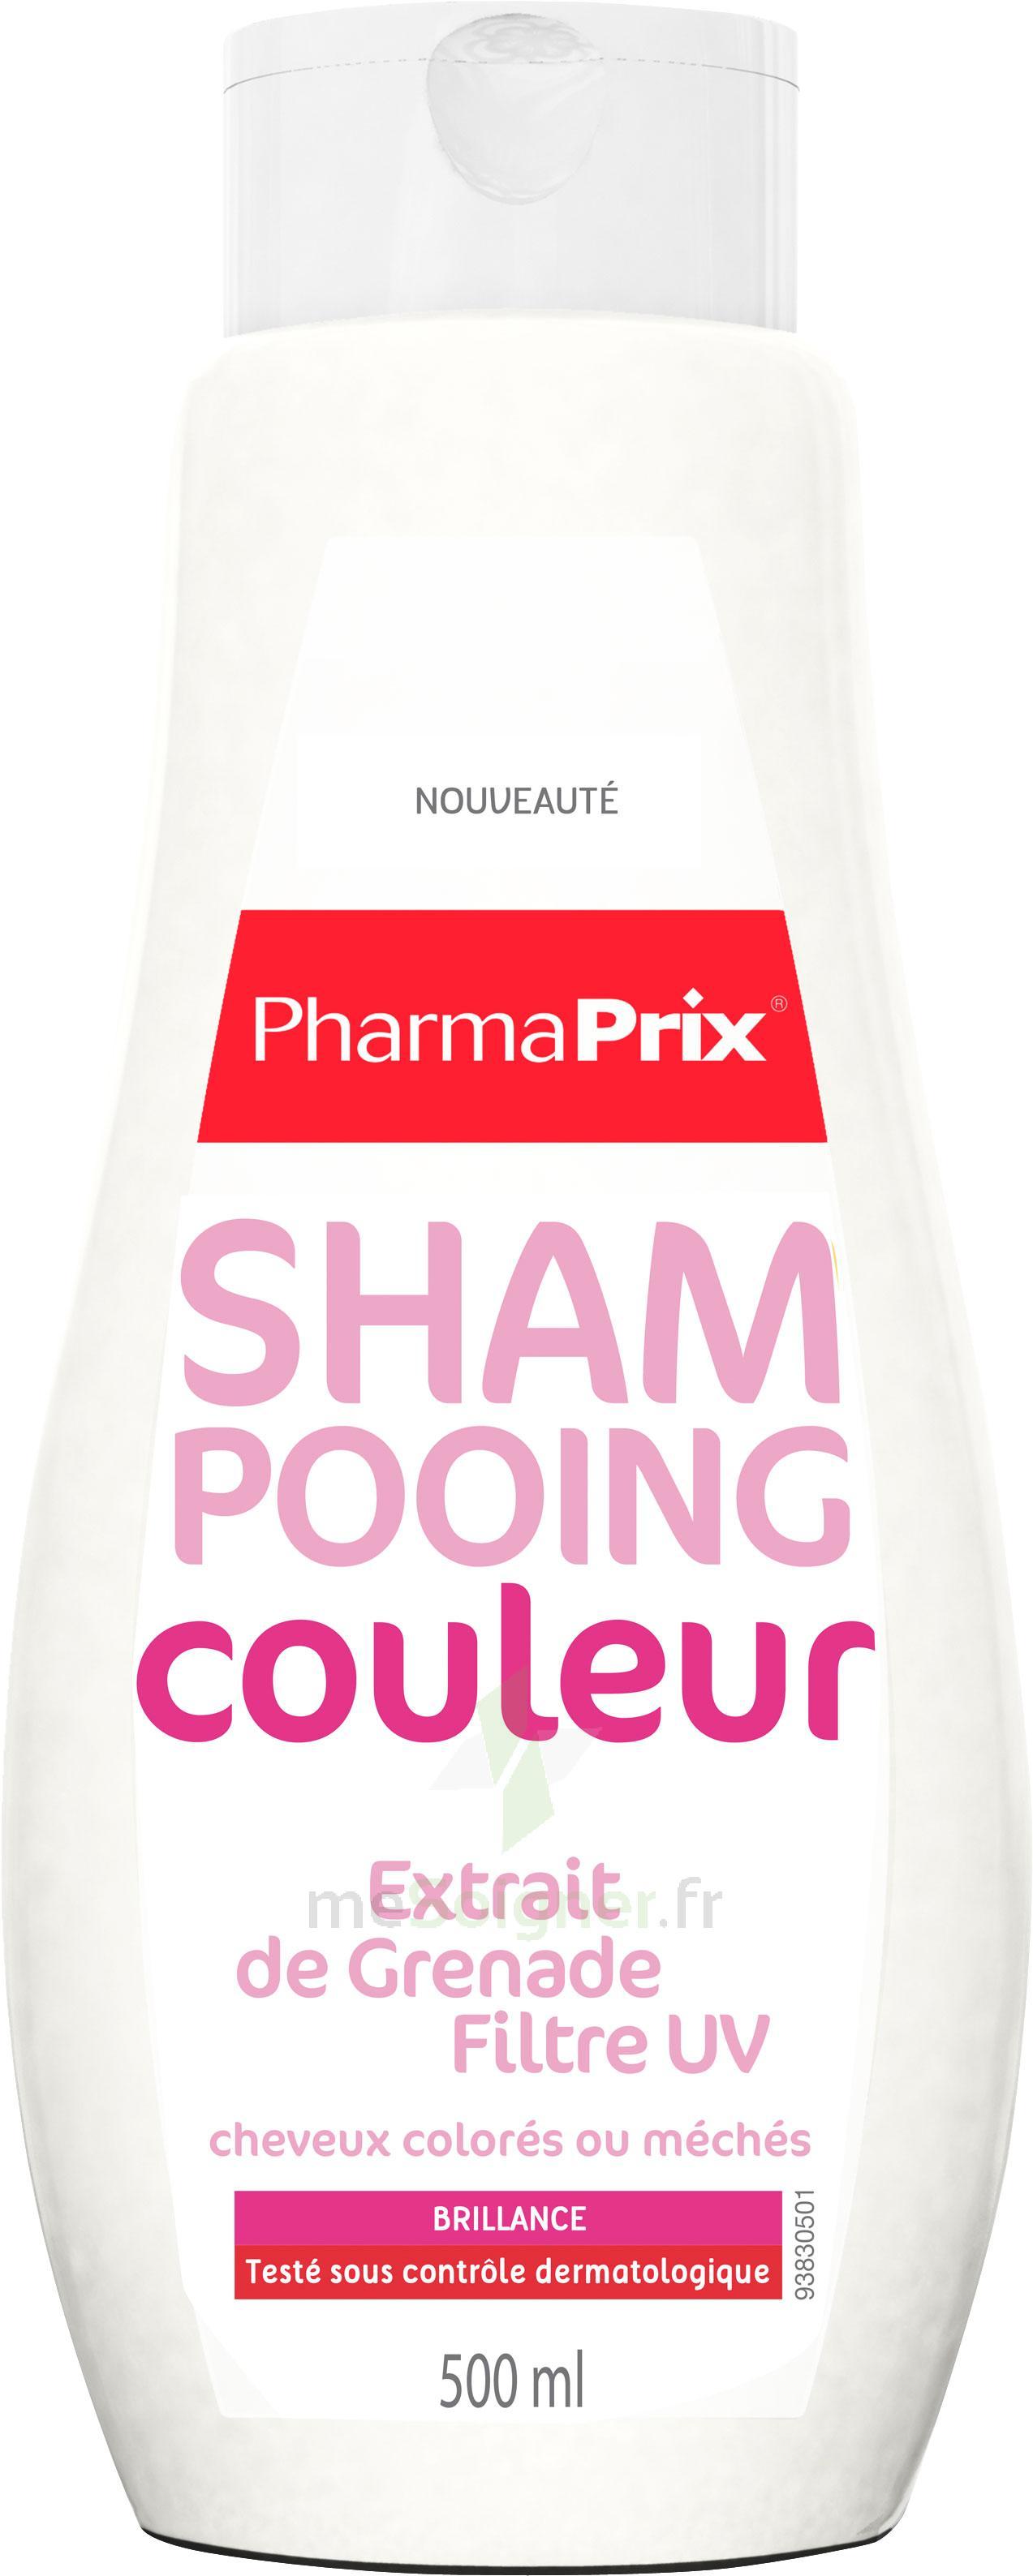 Pharmacie Porte Du Pin - Parapharmacie PHARMAPRIX